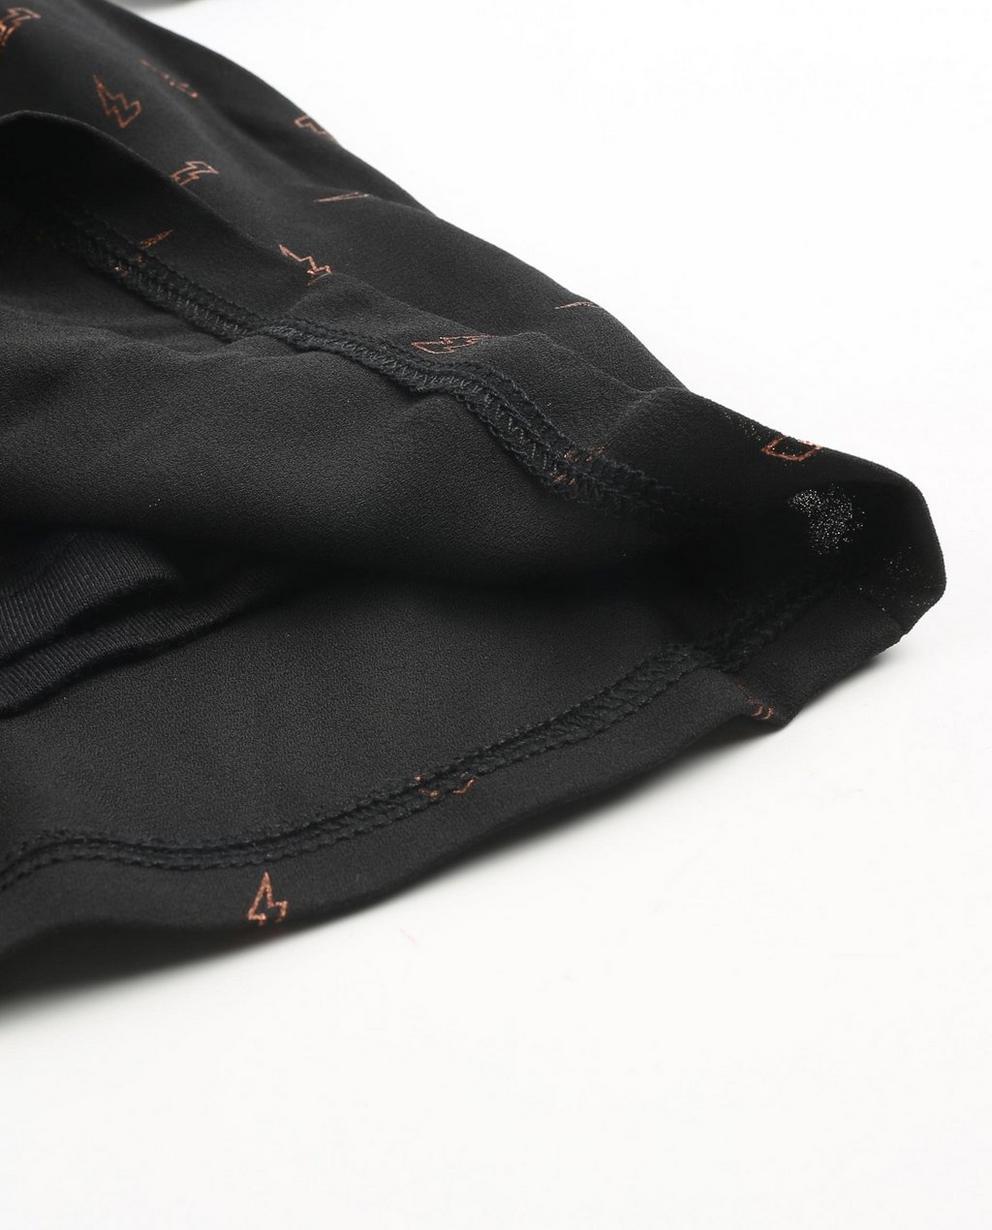 Kleider - Schwarz - Zwarte jurk met pailletten